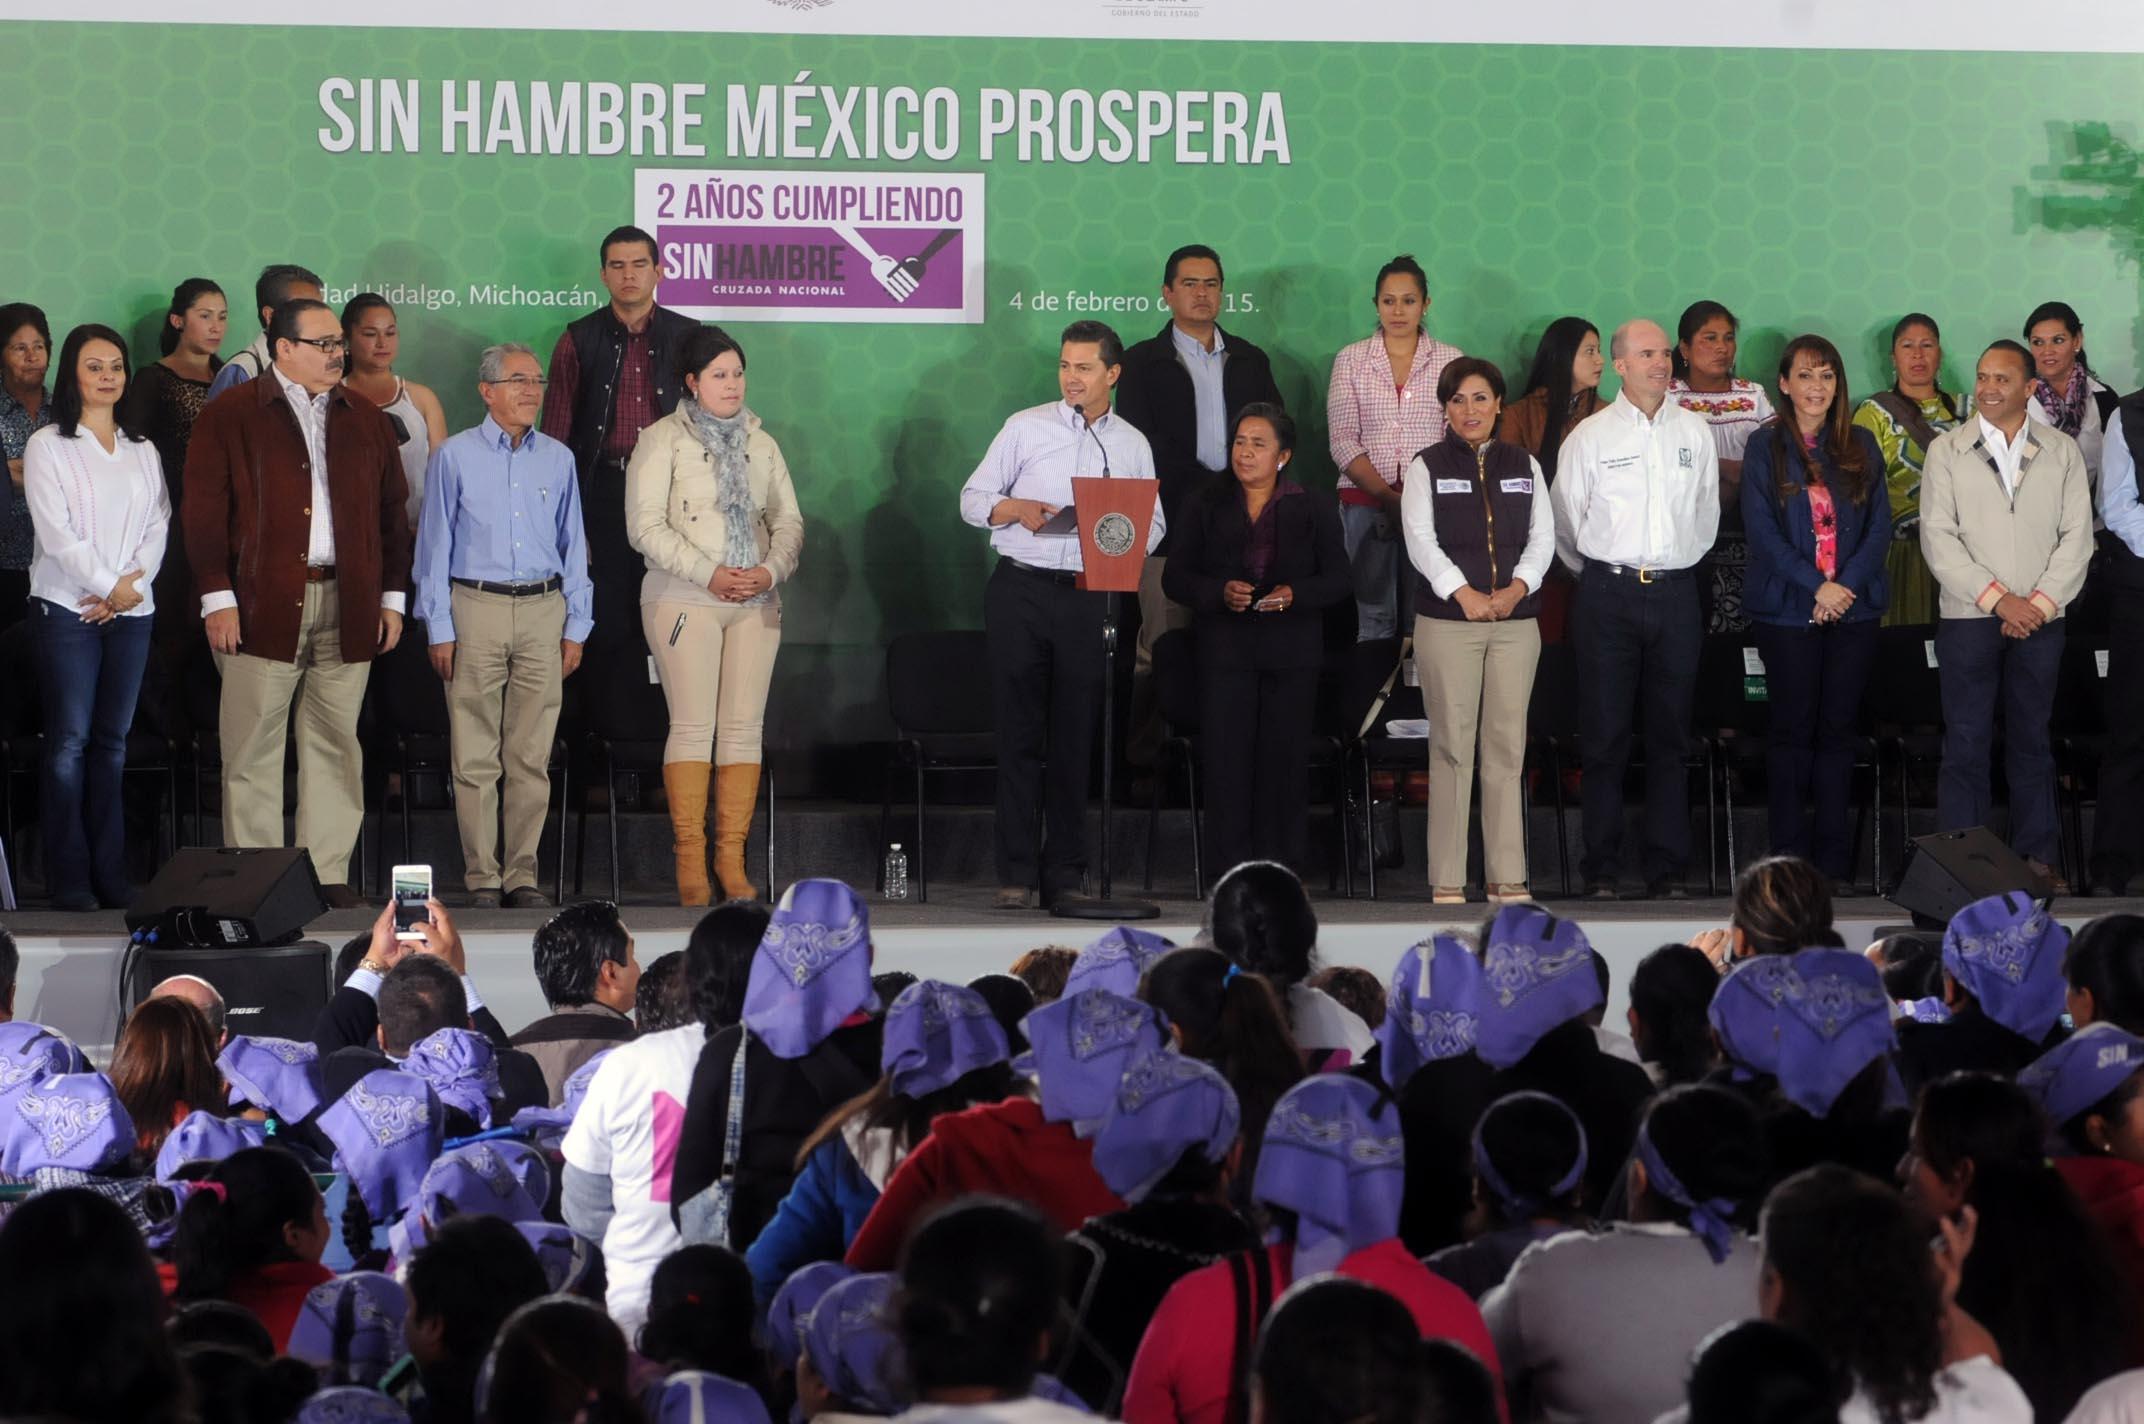 En la gráfica, el Presidente Enrique Peña Nieto informó que la SEDATU promovió la edificación de 28 mil 462 nuevas viviendas. En el evento participó el titular de la dependencia, Jorge Carlos Ramírez Marín.